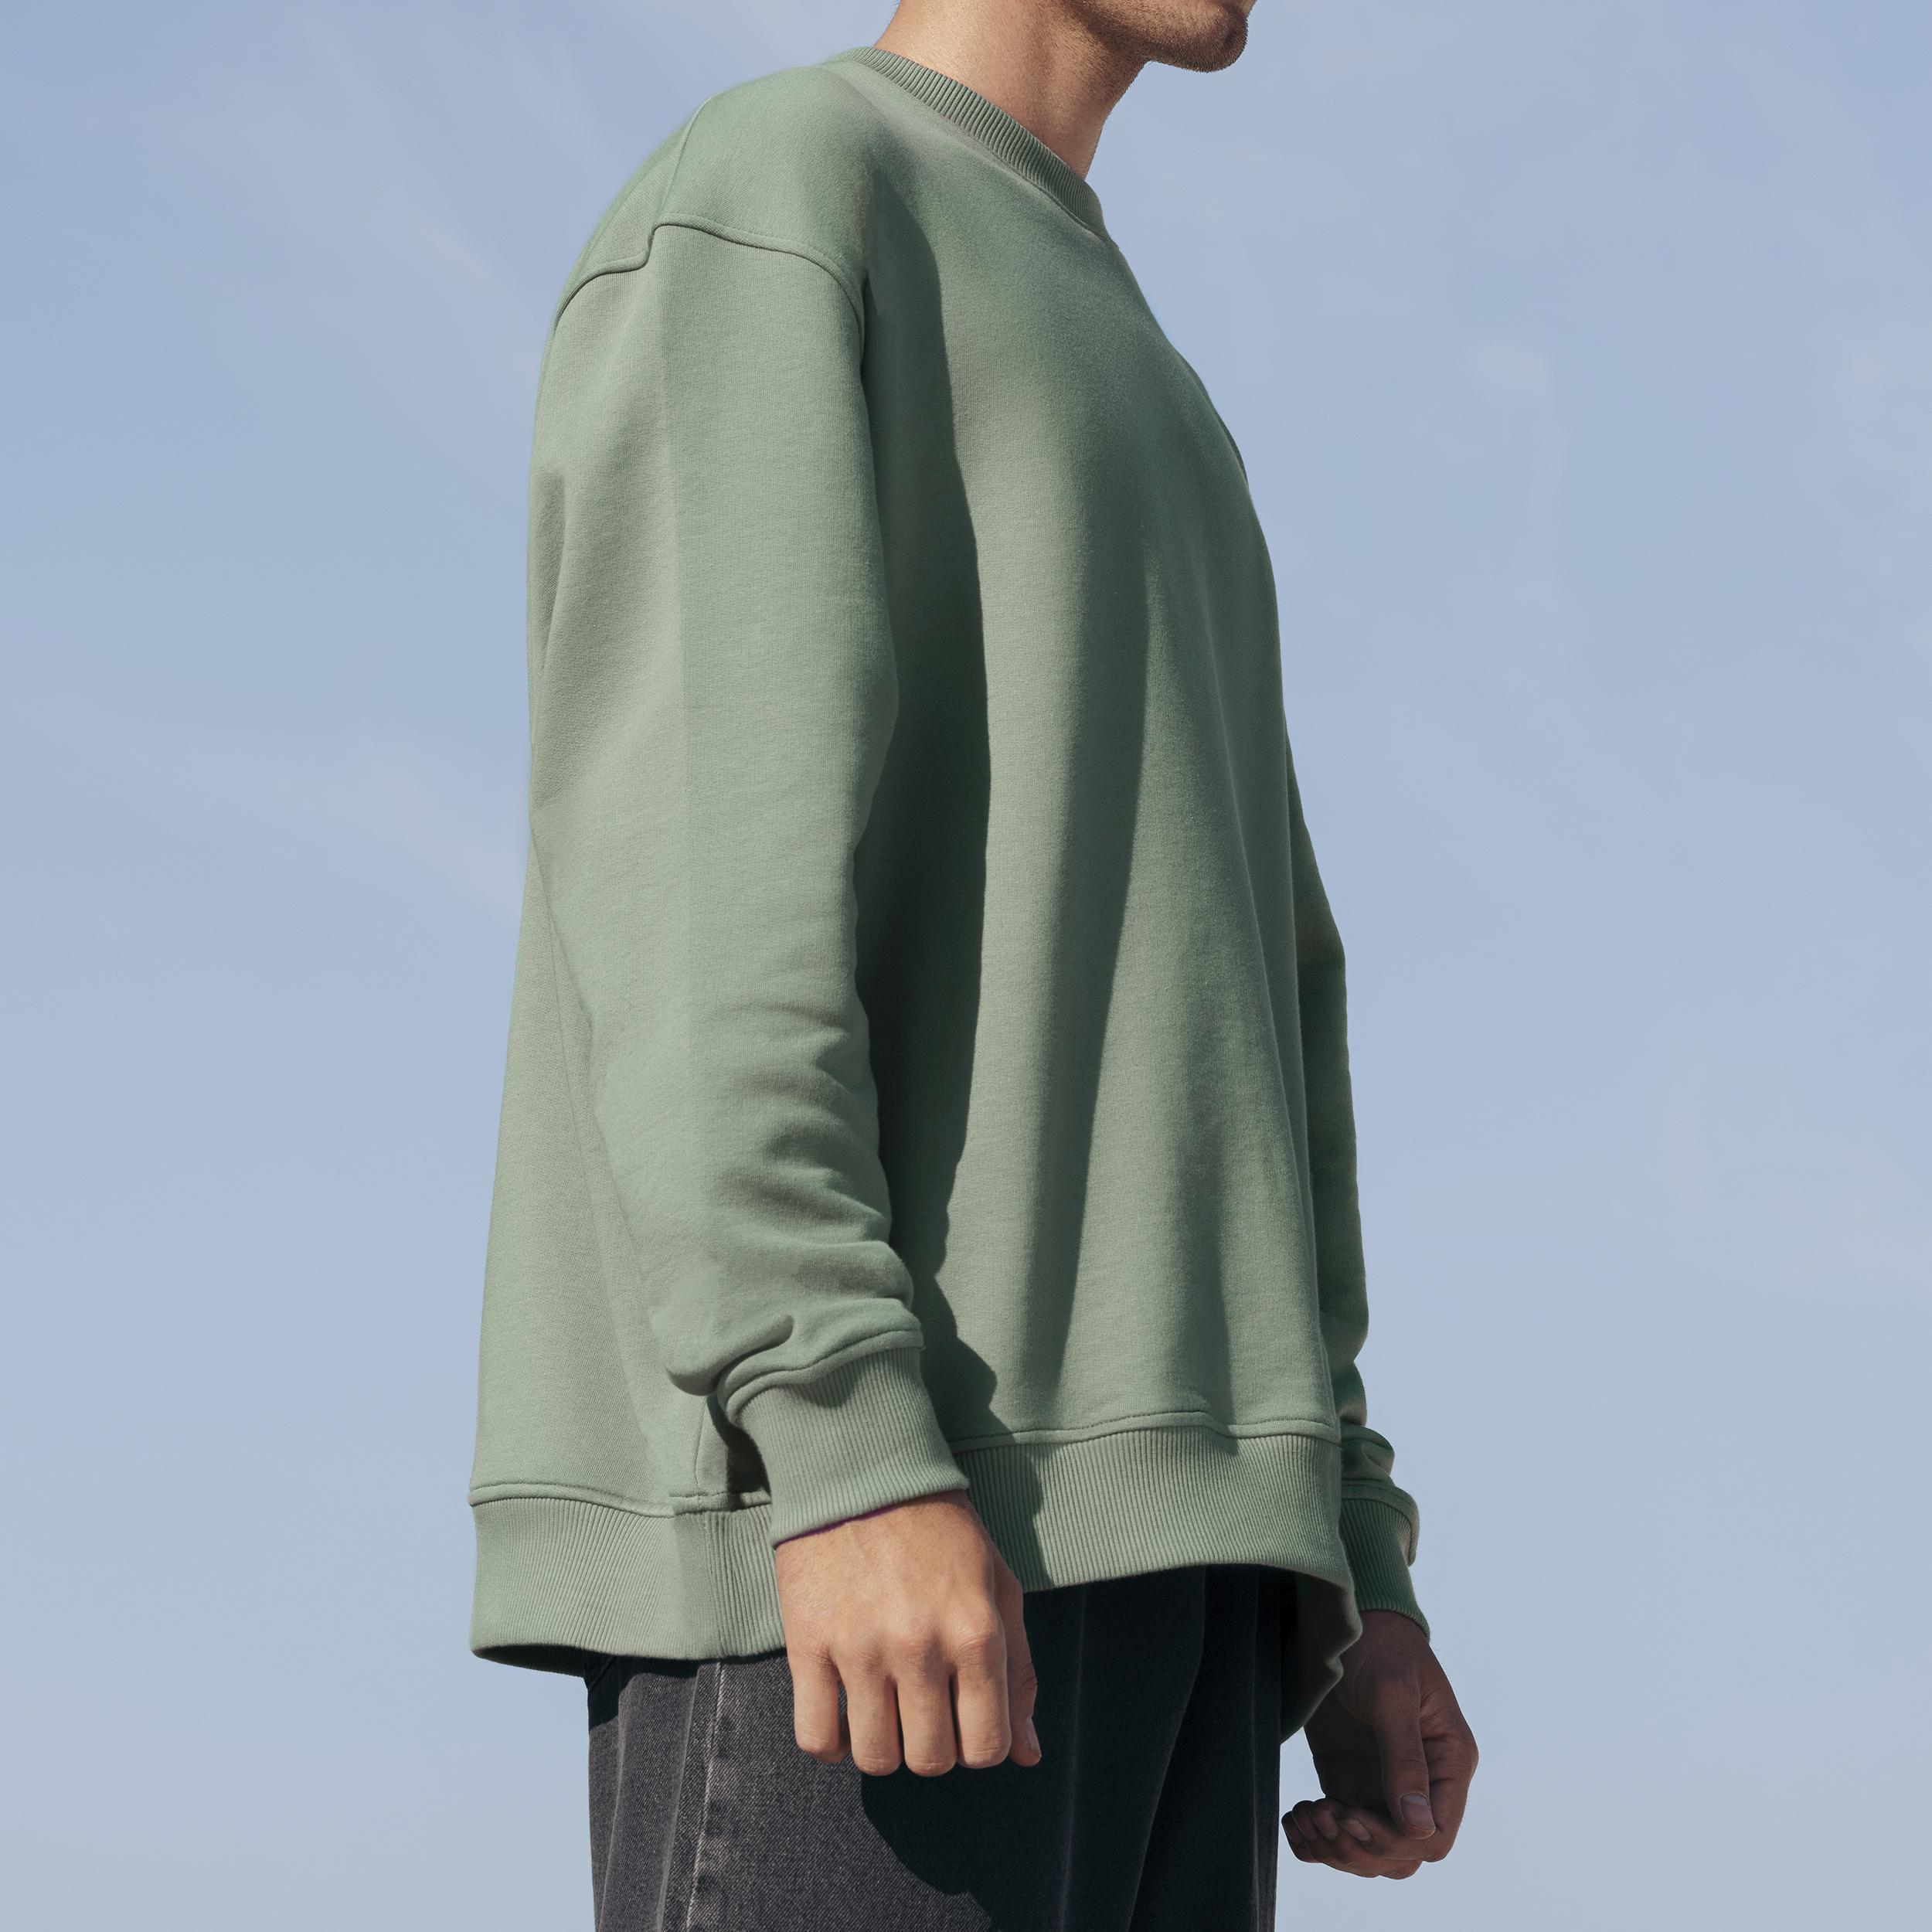 سویشرت مردانه کوی مدل 402 رنگ سبز -  - 3